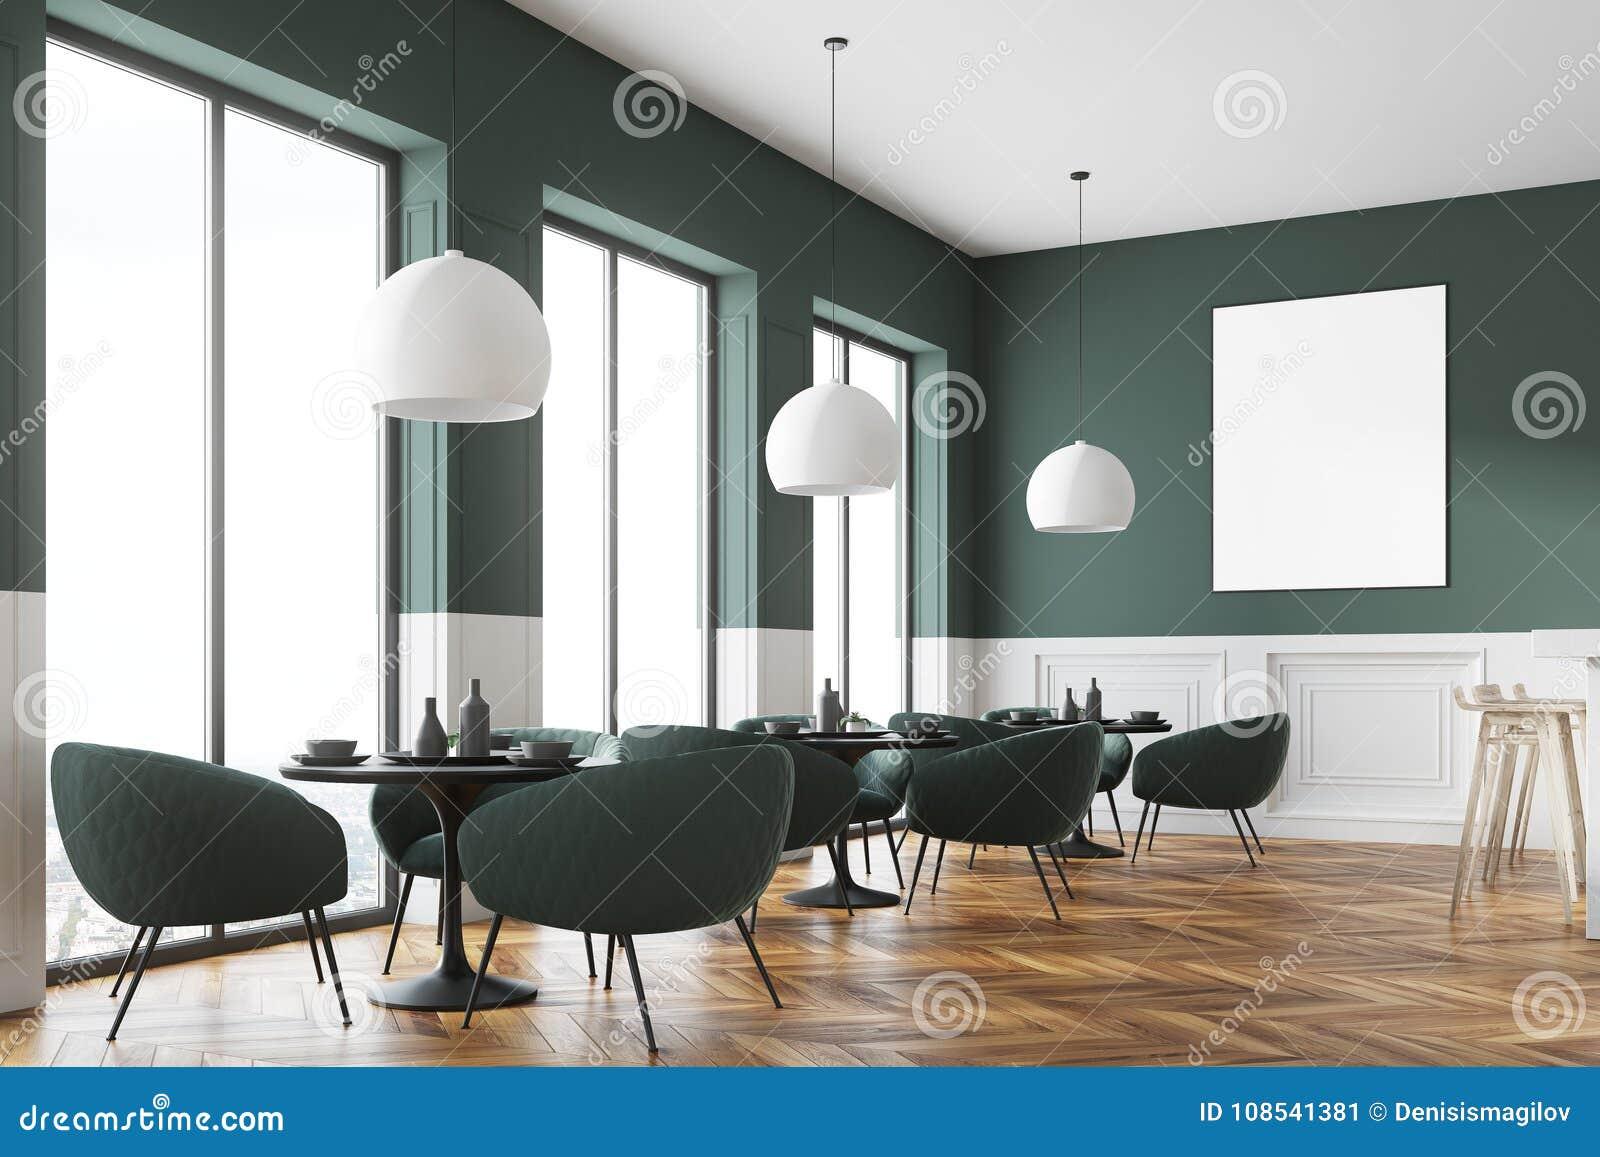 90c5b3902129 Esquina gris y blanca moderna del café con un piso de madera y sillas gris  oscuro cerca de las mesas redondas Un cartel mofa de la representación 3d  para ...